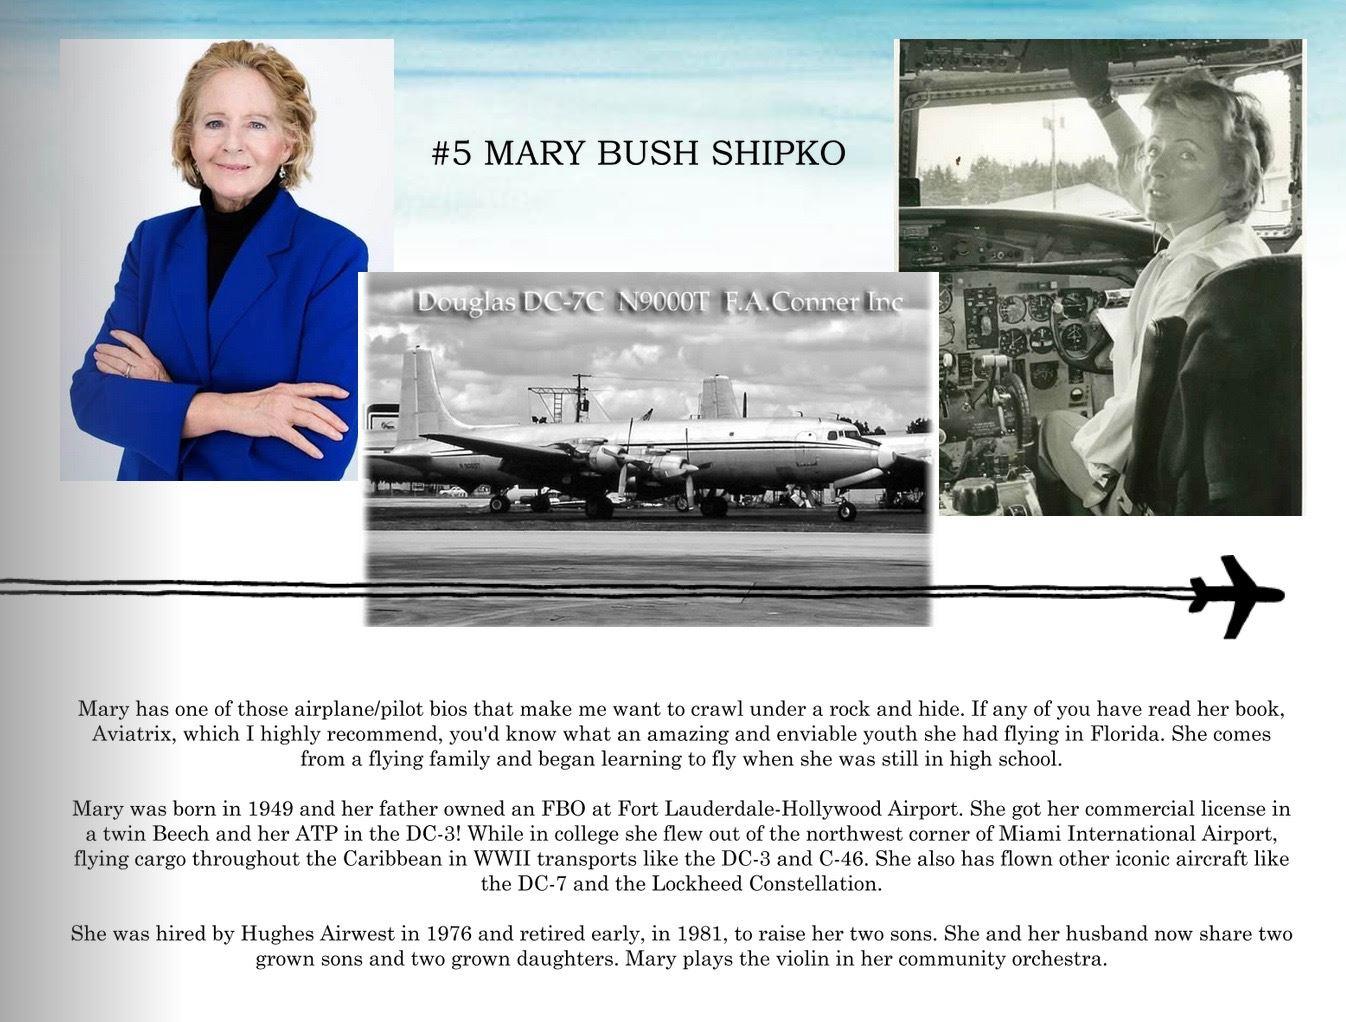 5. Mary Bush Shipko